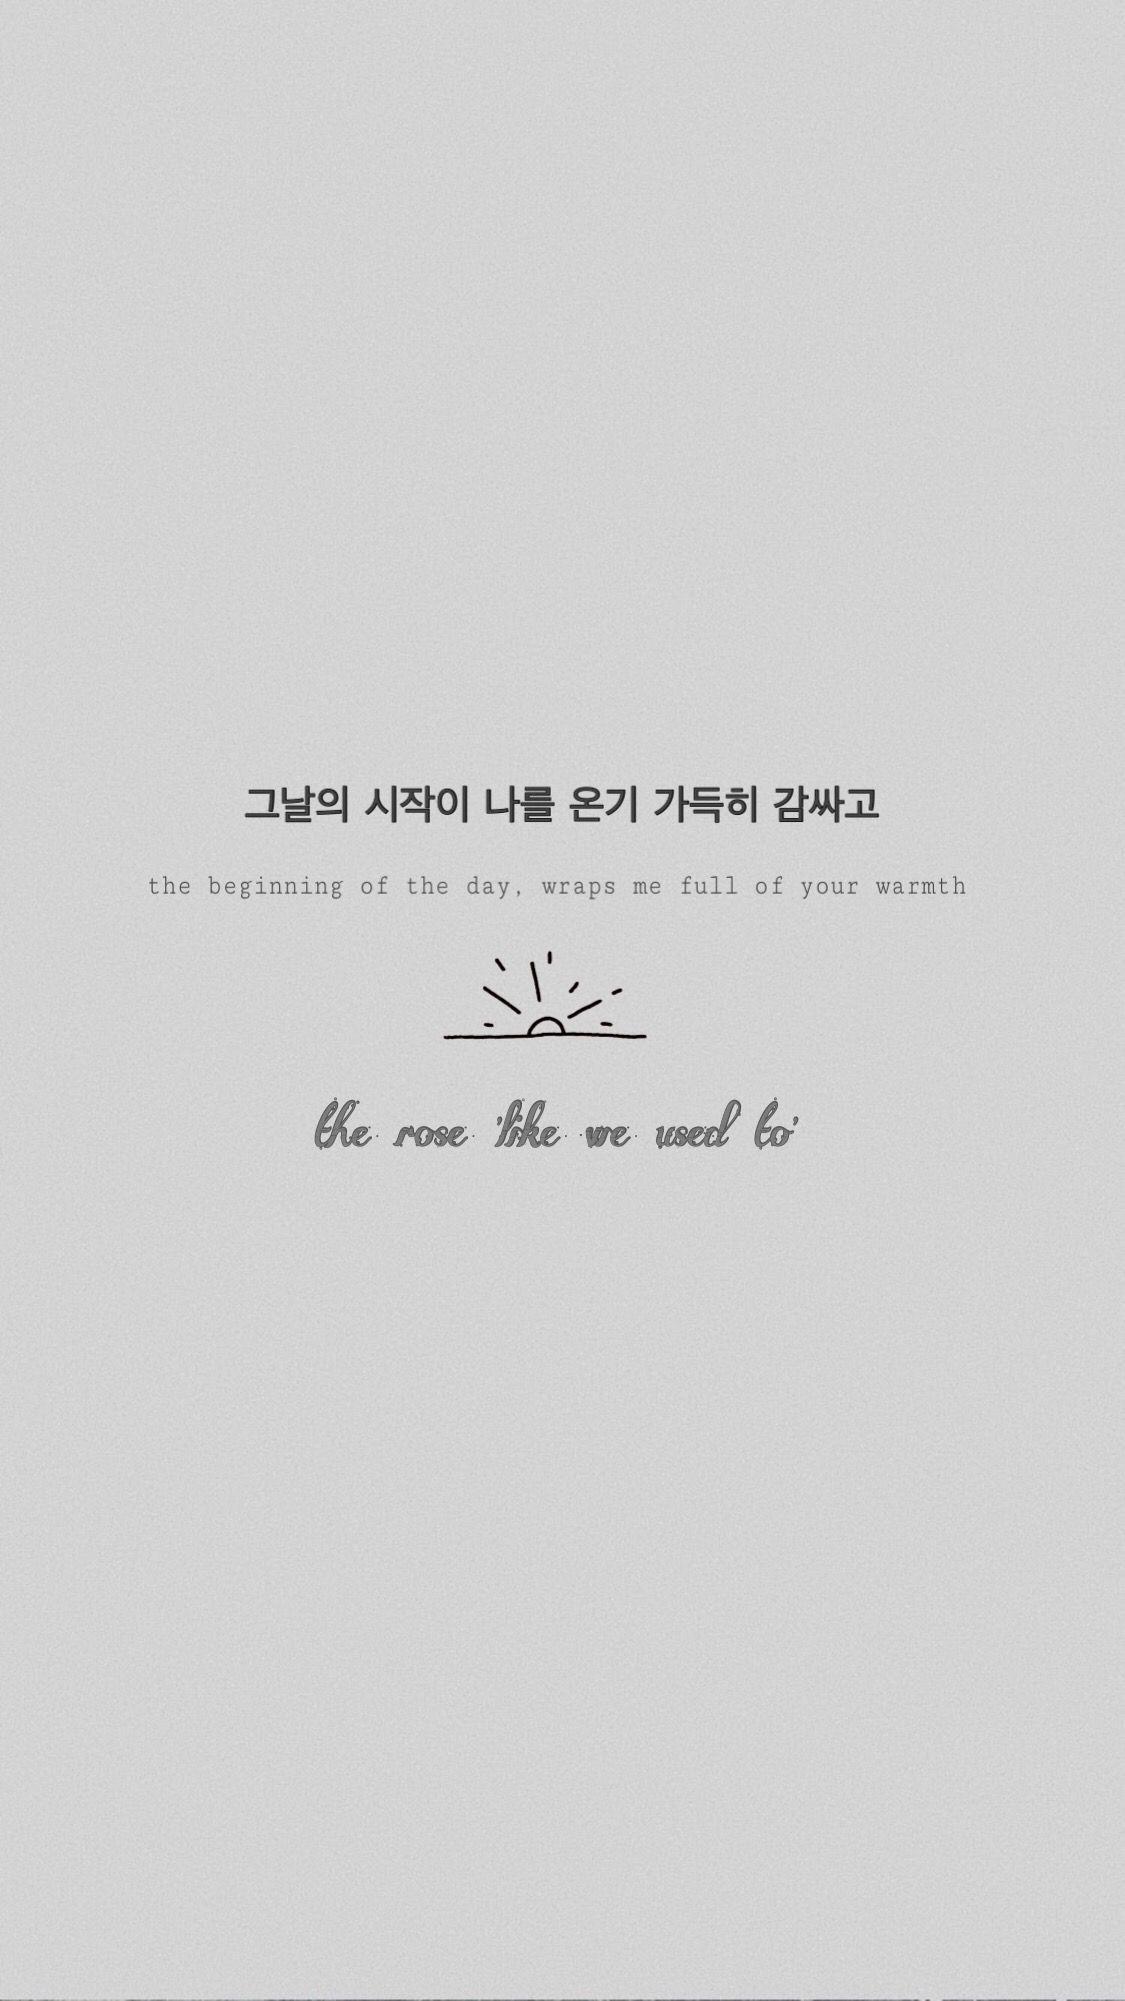 Lock Screen Korean Wallpaper Iphone Korean Quotes Korea Quotes Wallpaper Quotes